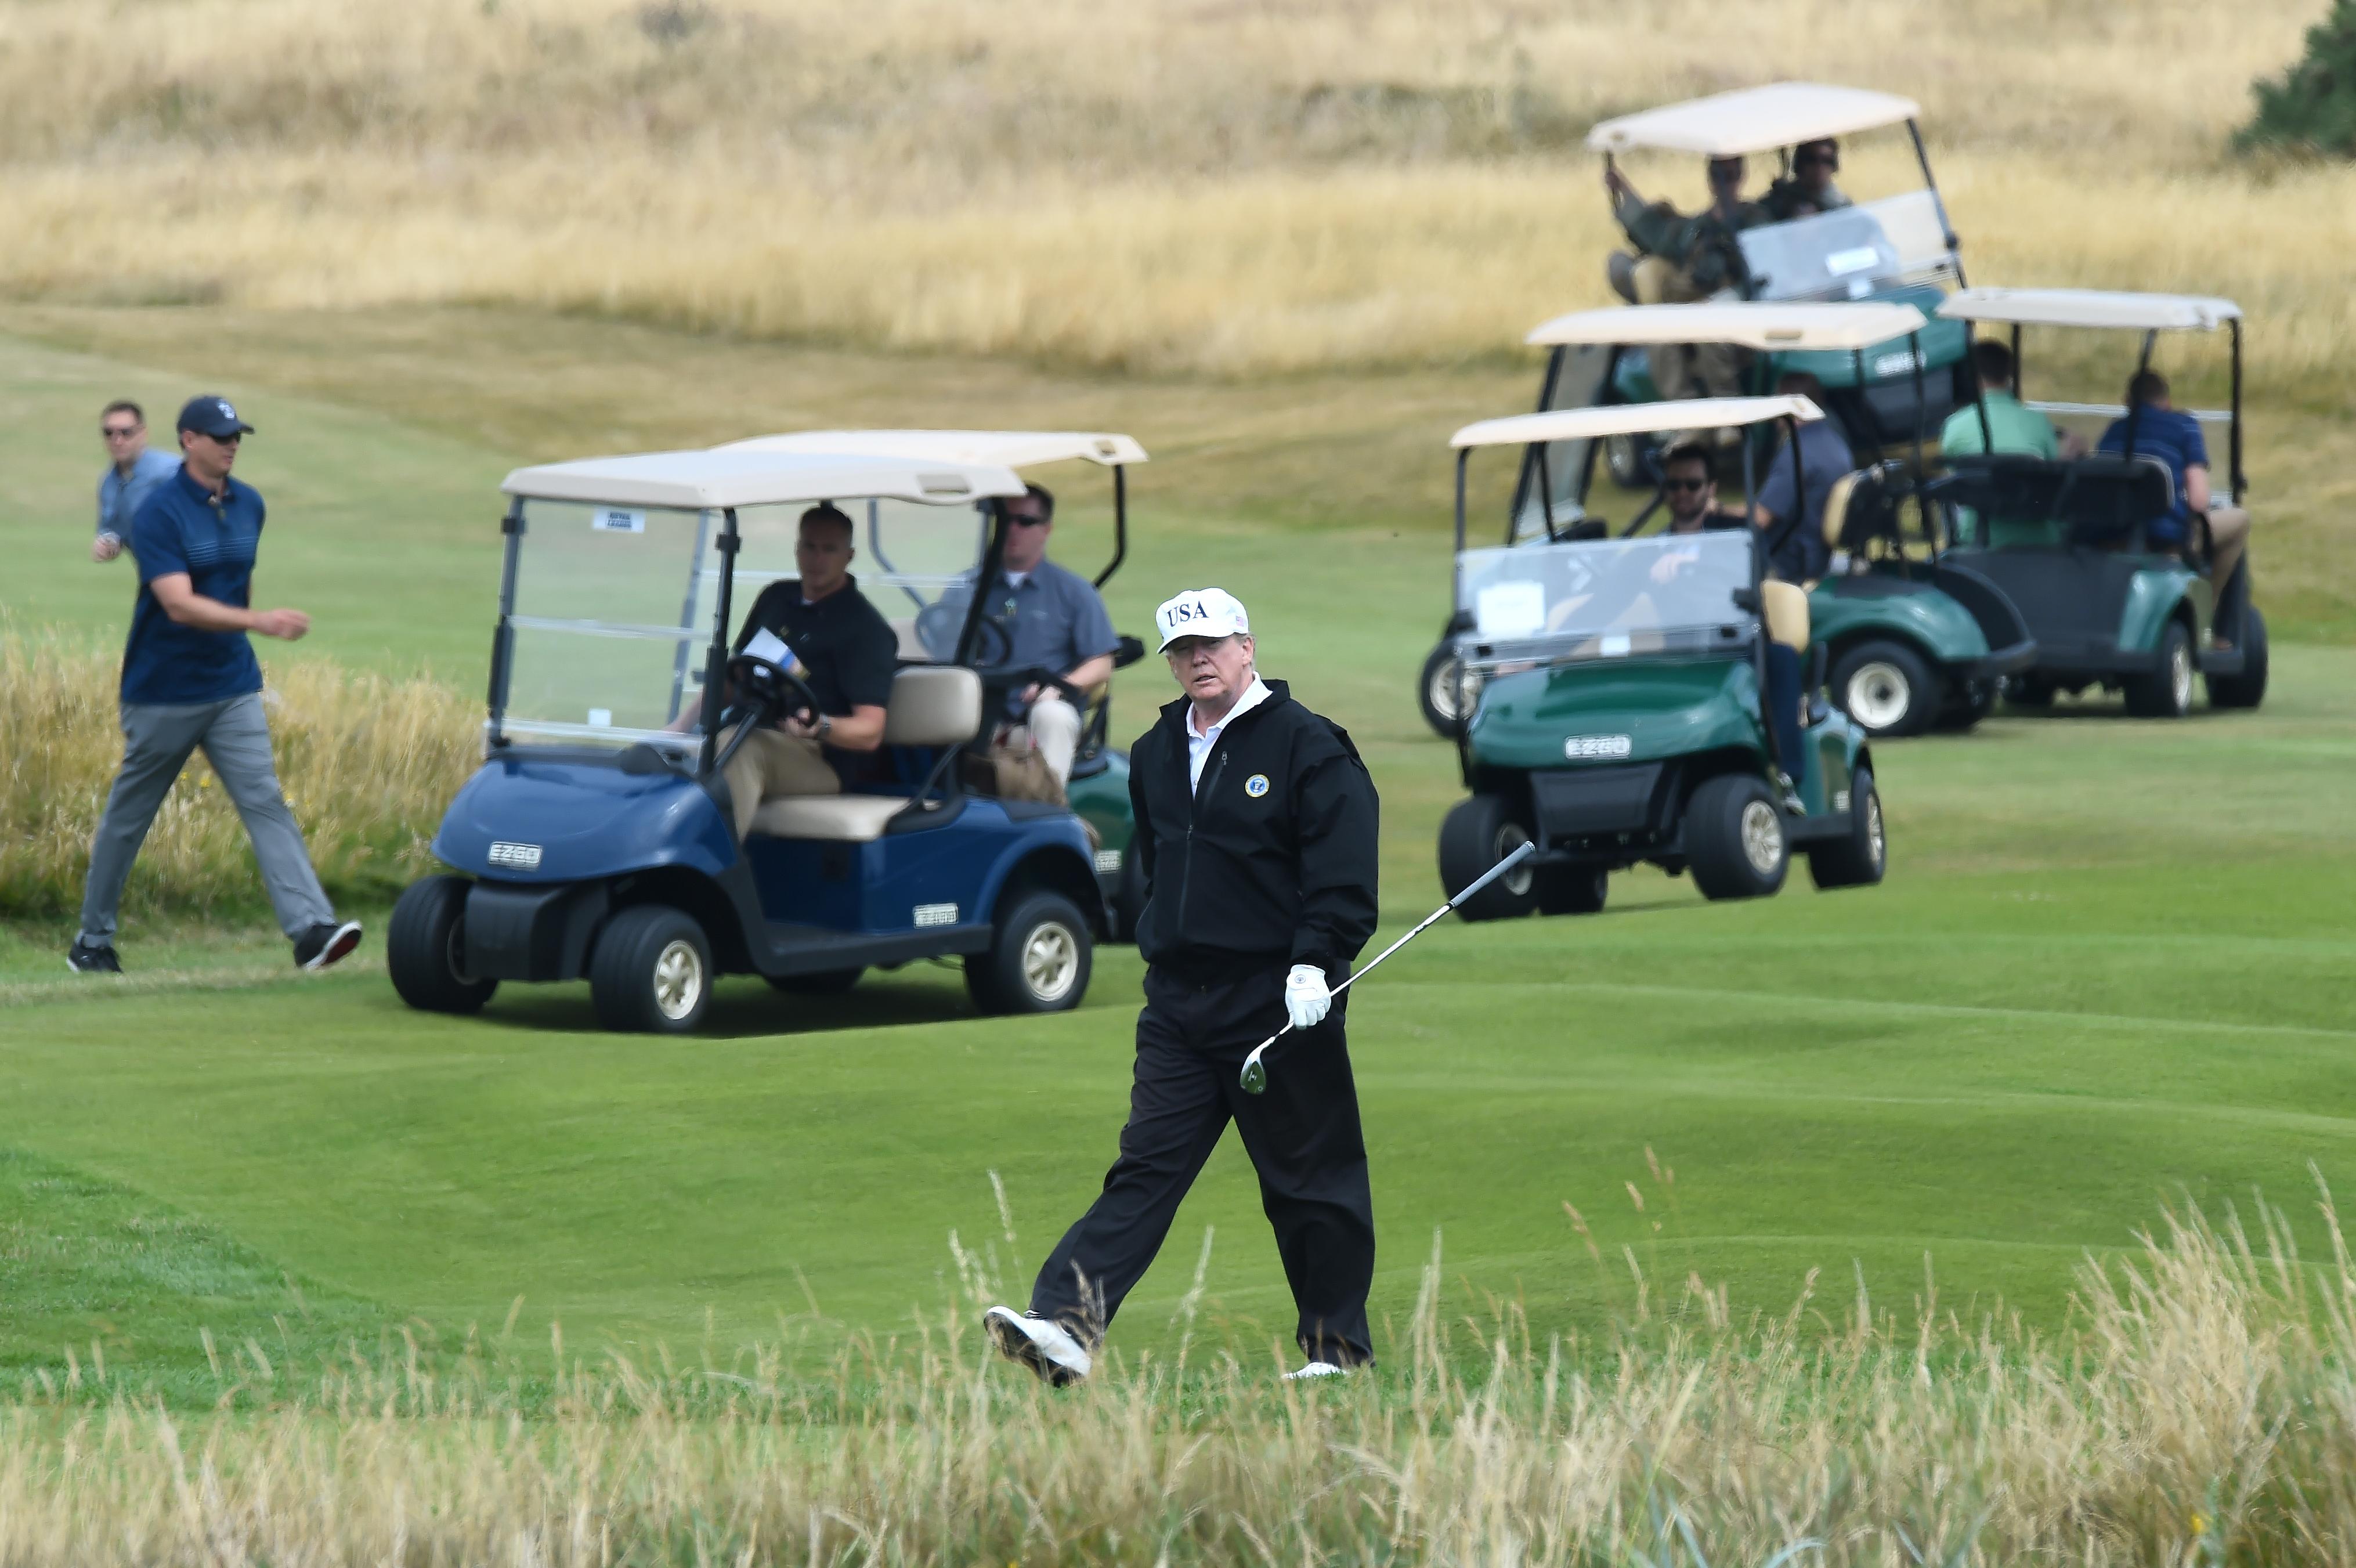 Skóciai golfozásba menekülne Trump Joe Biden beiktatása elől, de odaát nem látják szívesen